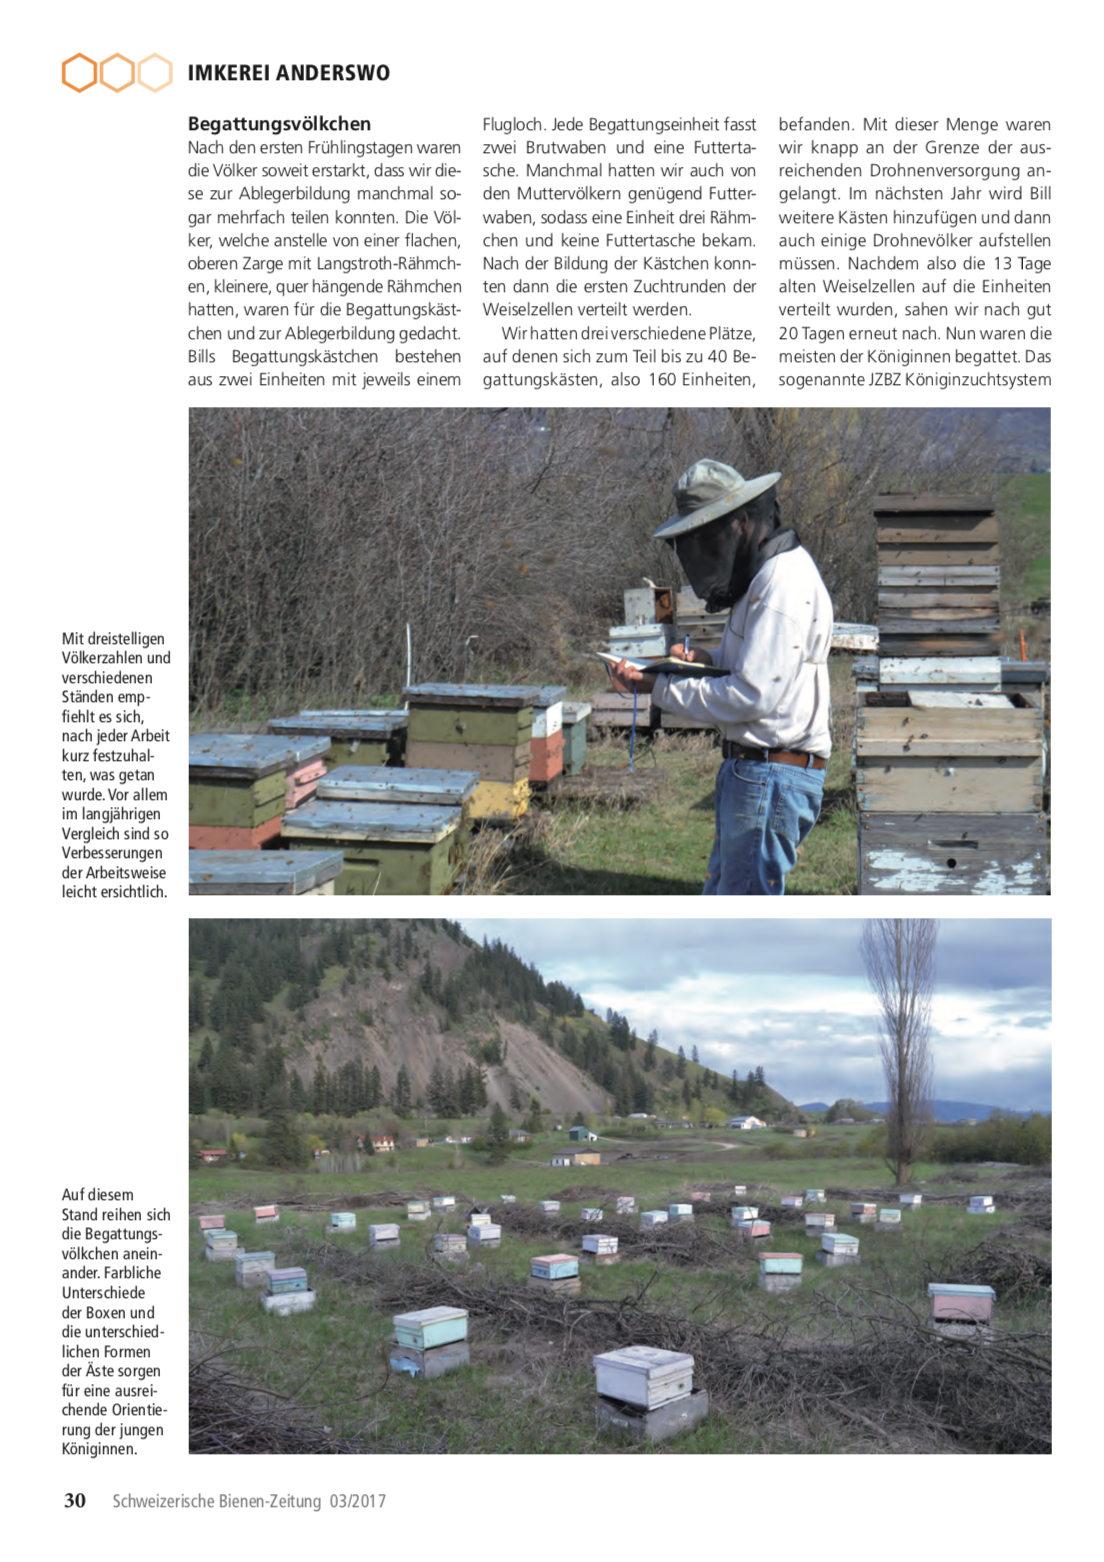 Artikel Imker auf Weltreise-dritte Station: Kanada Seite 5 Schweizerische Bienenzeitung Felix Mrowka